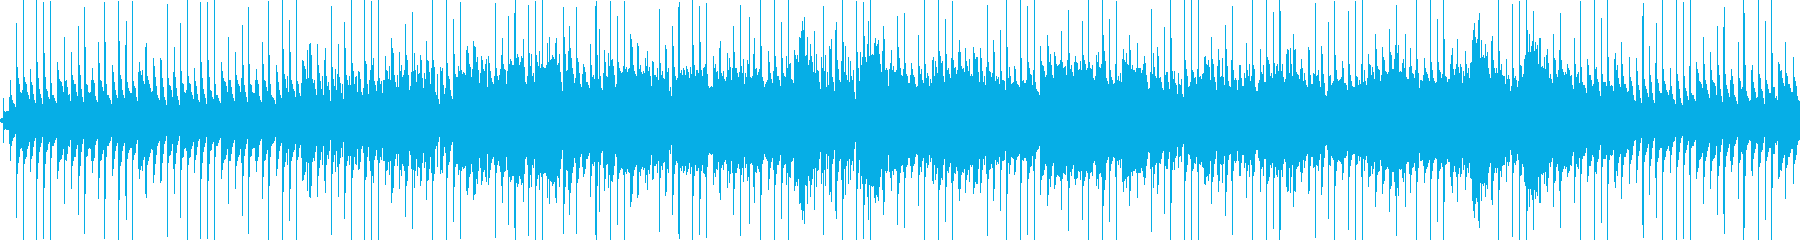 ホラー向けの不安定なBGMです。の再生済みの波形